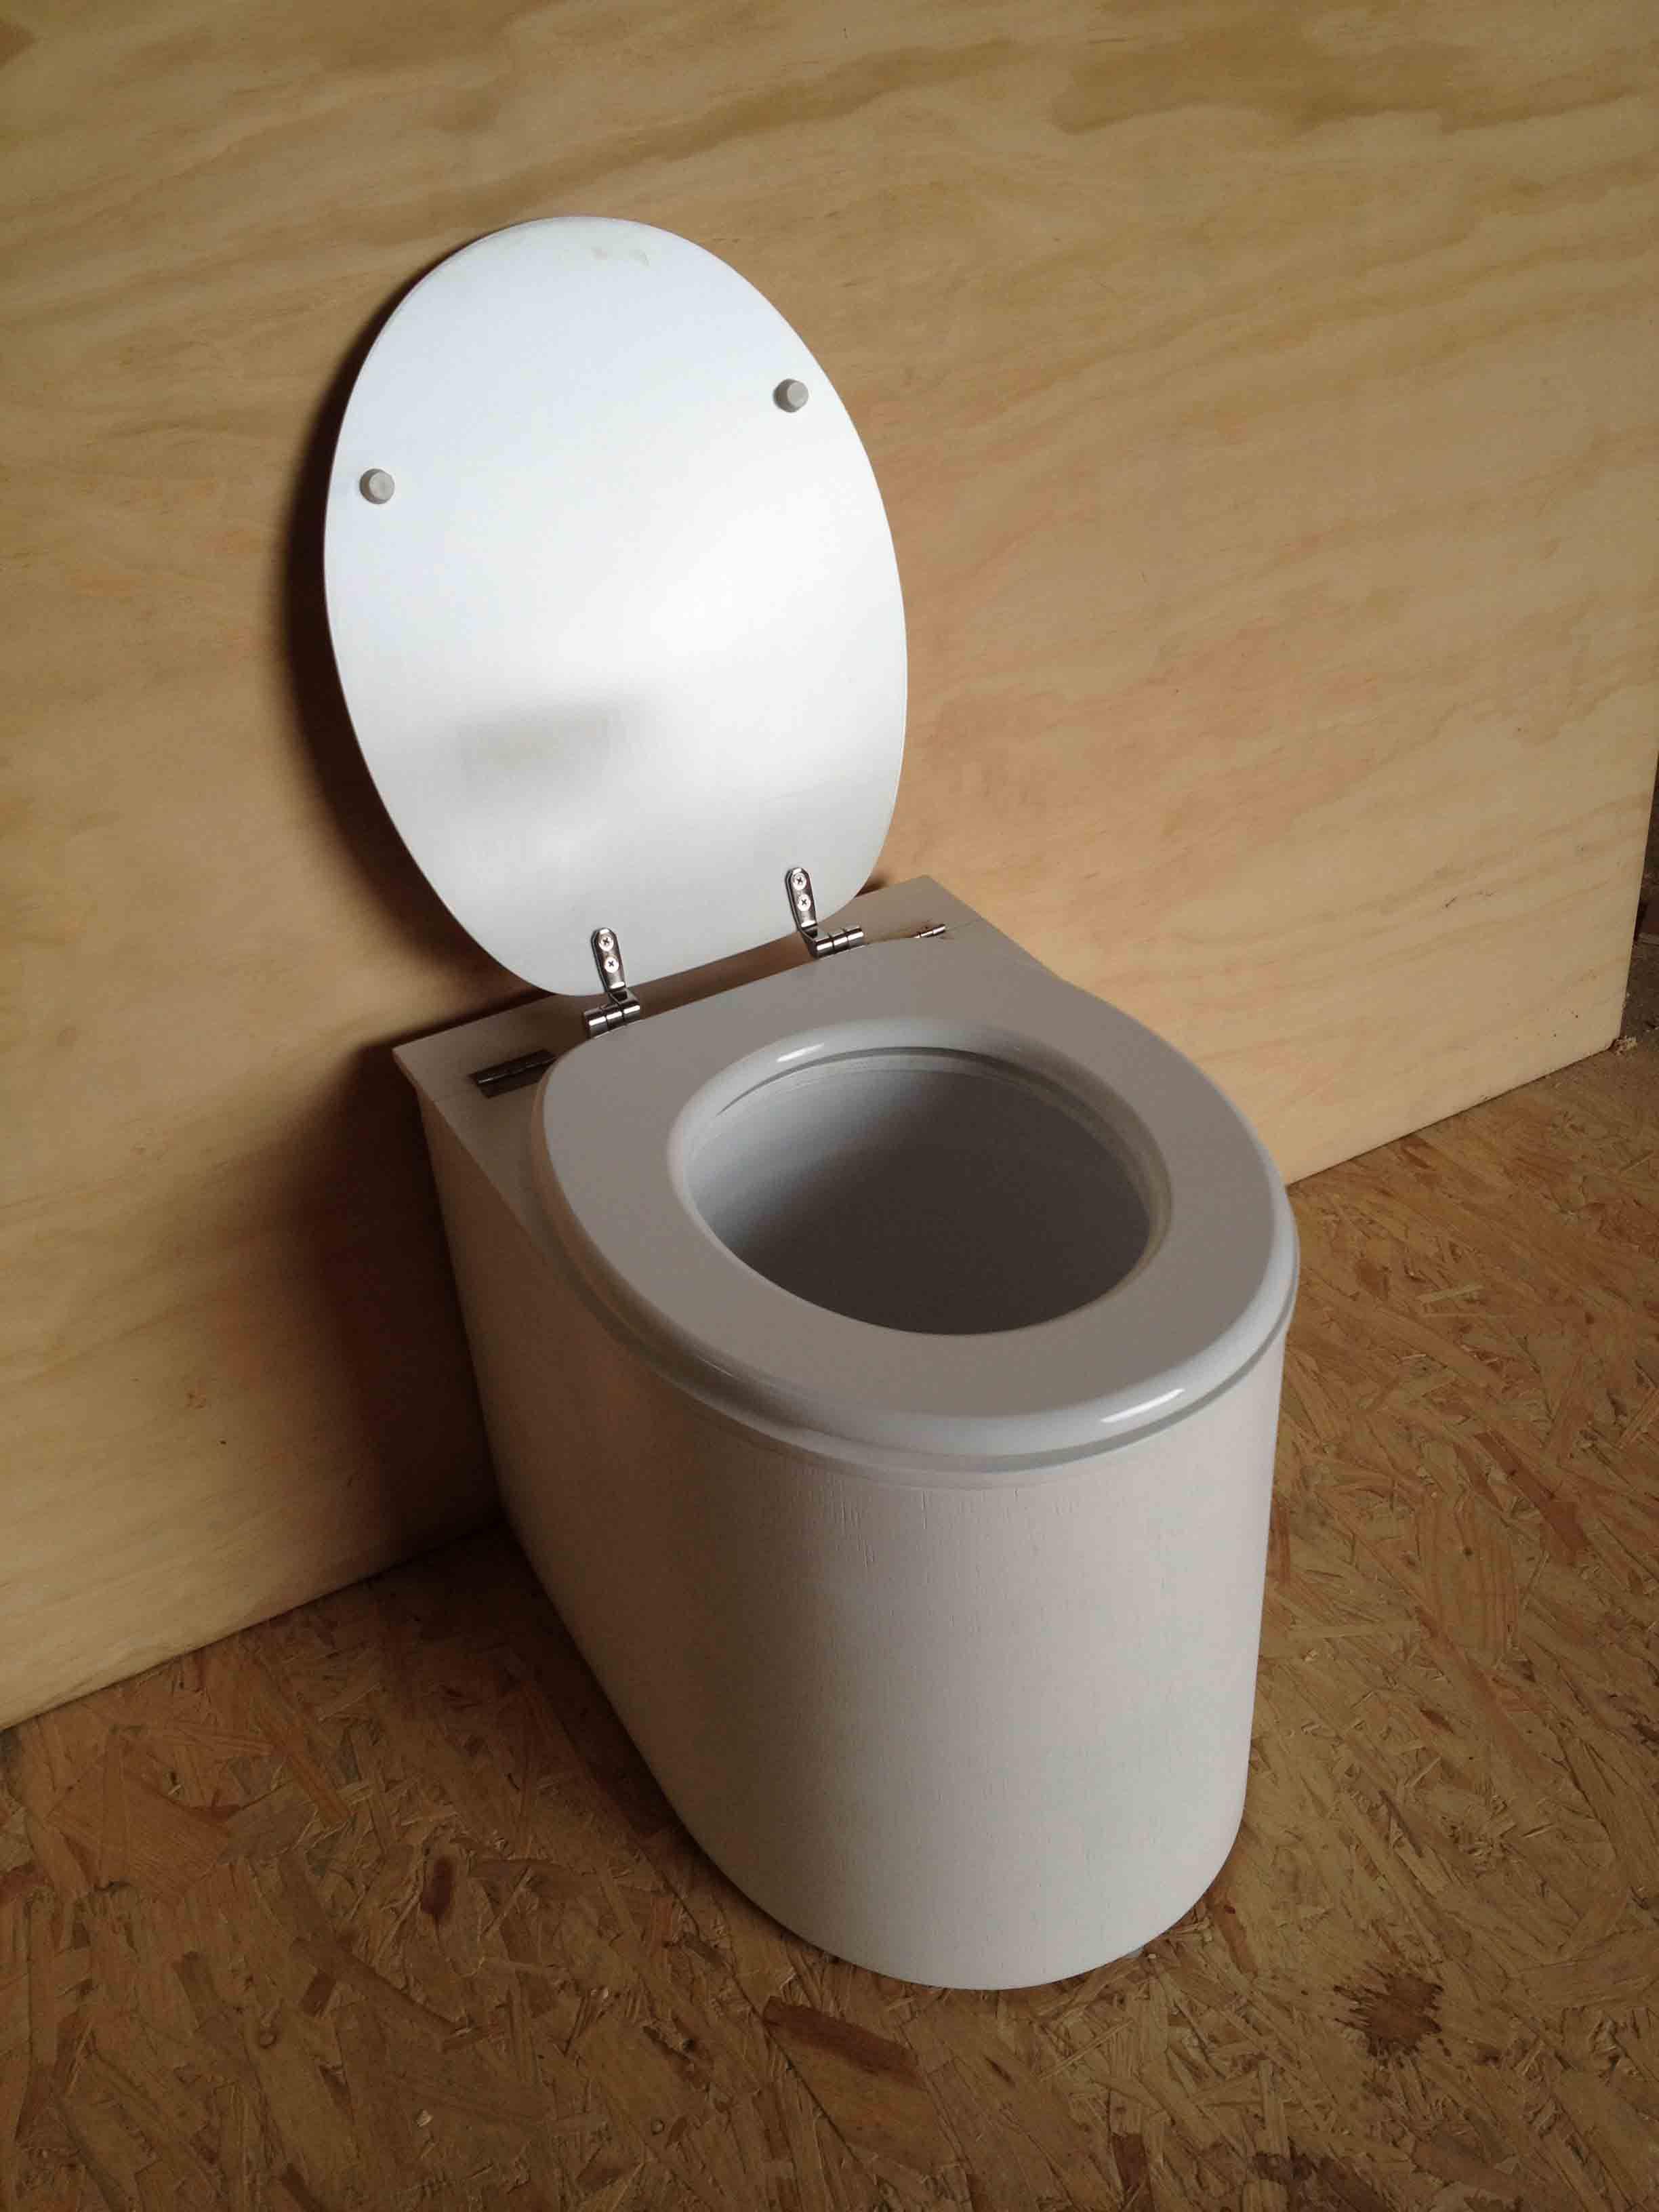 Toilette Seche De Elise Jacmain Du Tableau Toilette Seche encequiconcerne Toilette Seche Interieur Maison